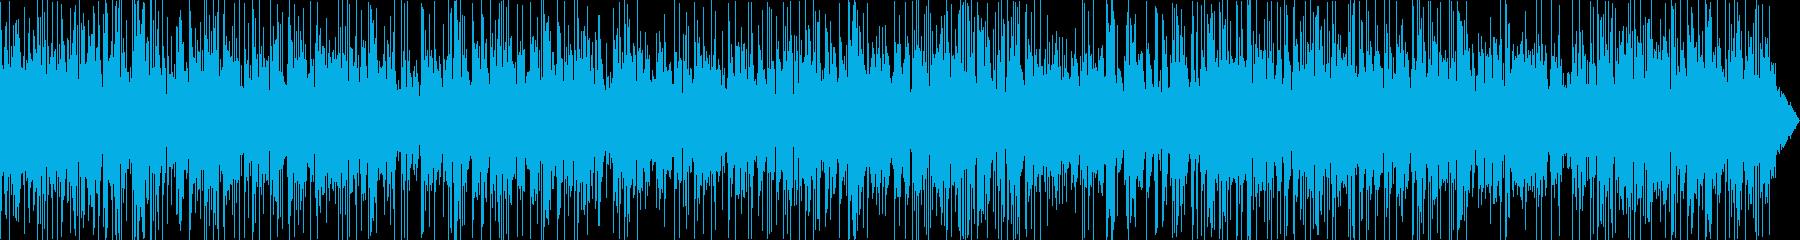 YouTube動画、フュージョンサックスの再生済みの波形